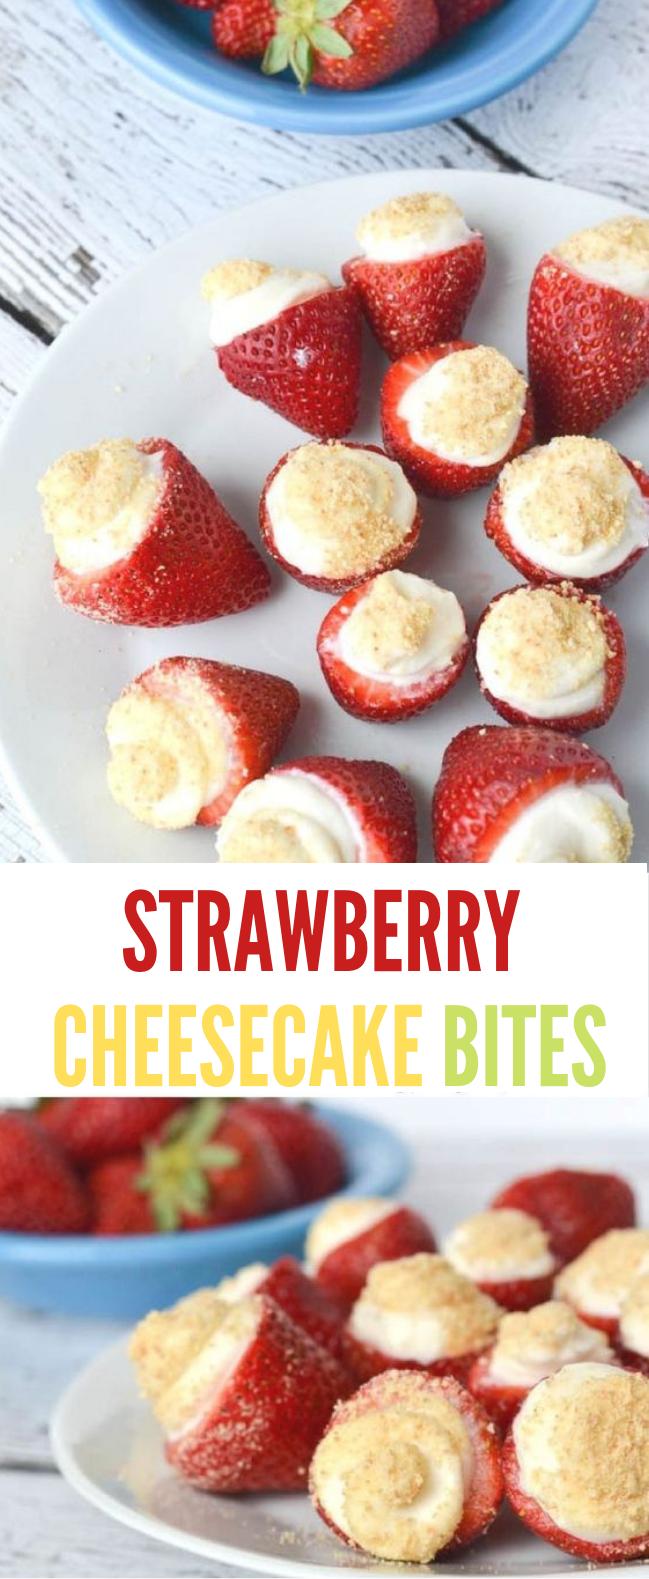 NO BAKE STRAWBERRY CHEESECAKE BITES #cake #cheesecake